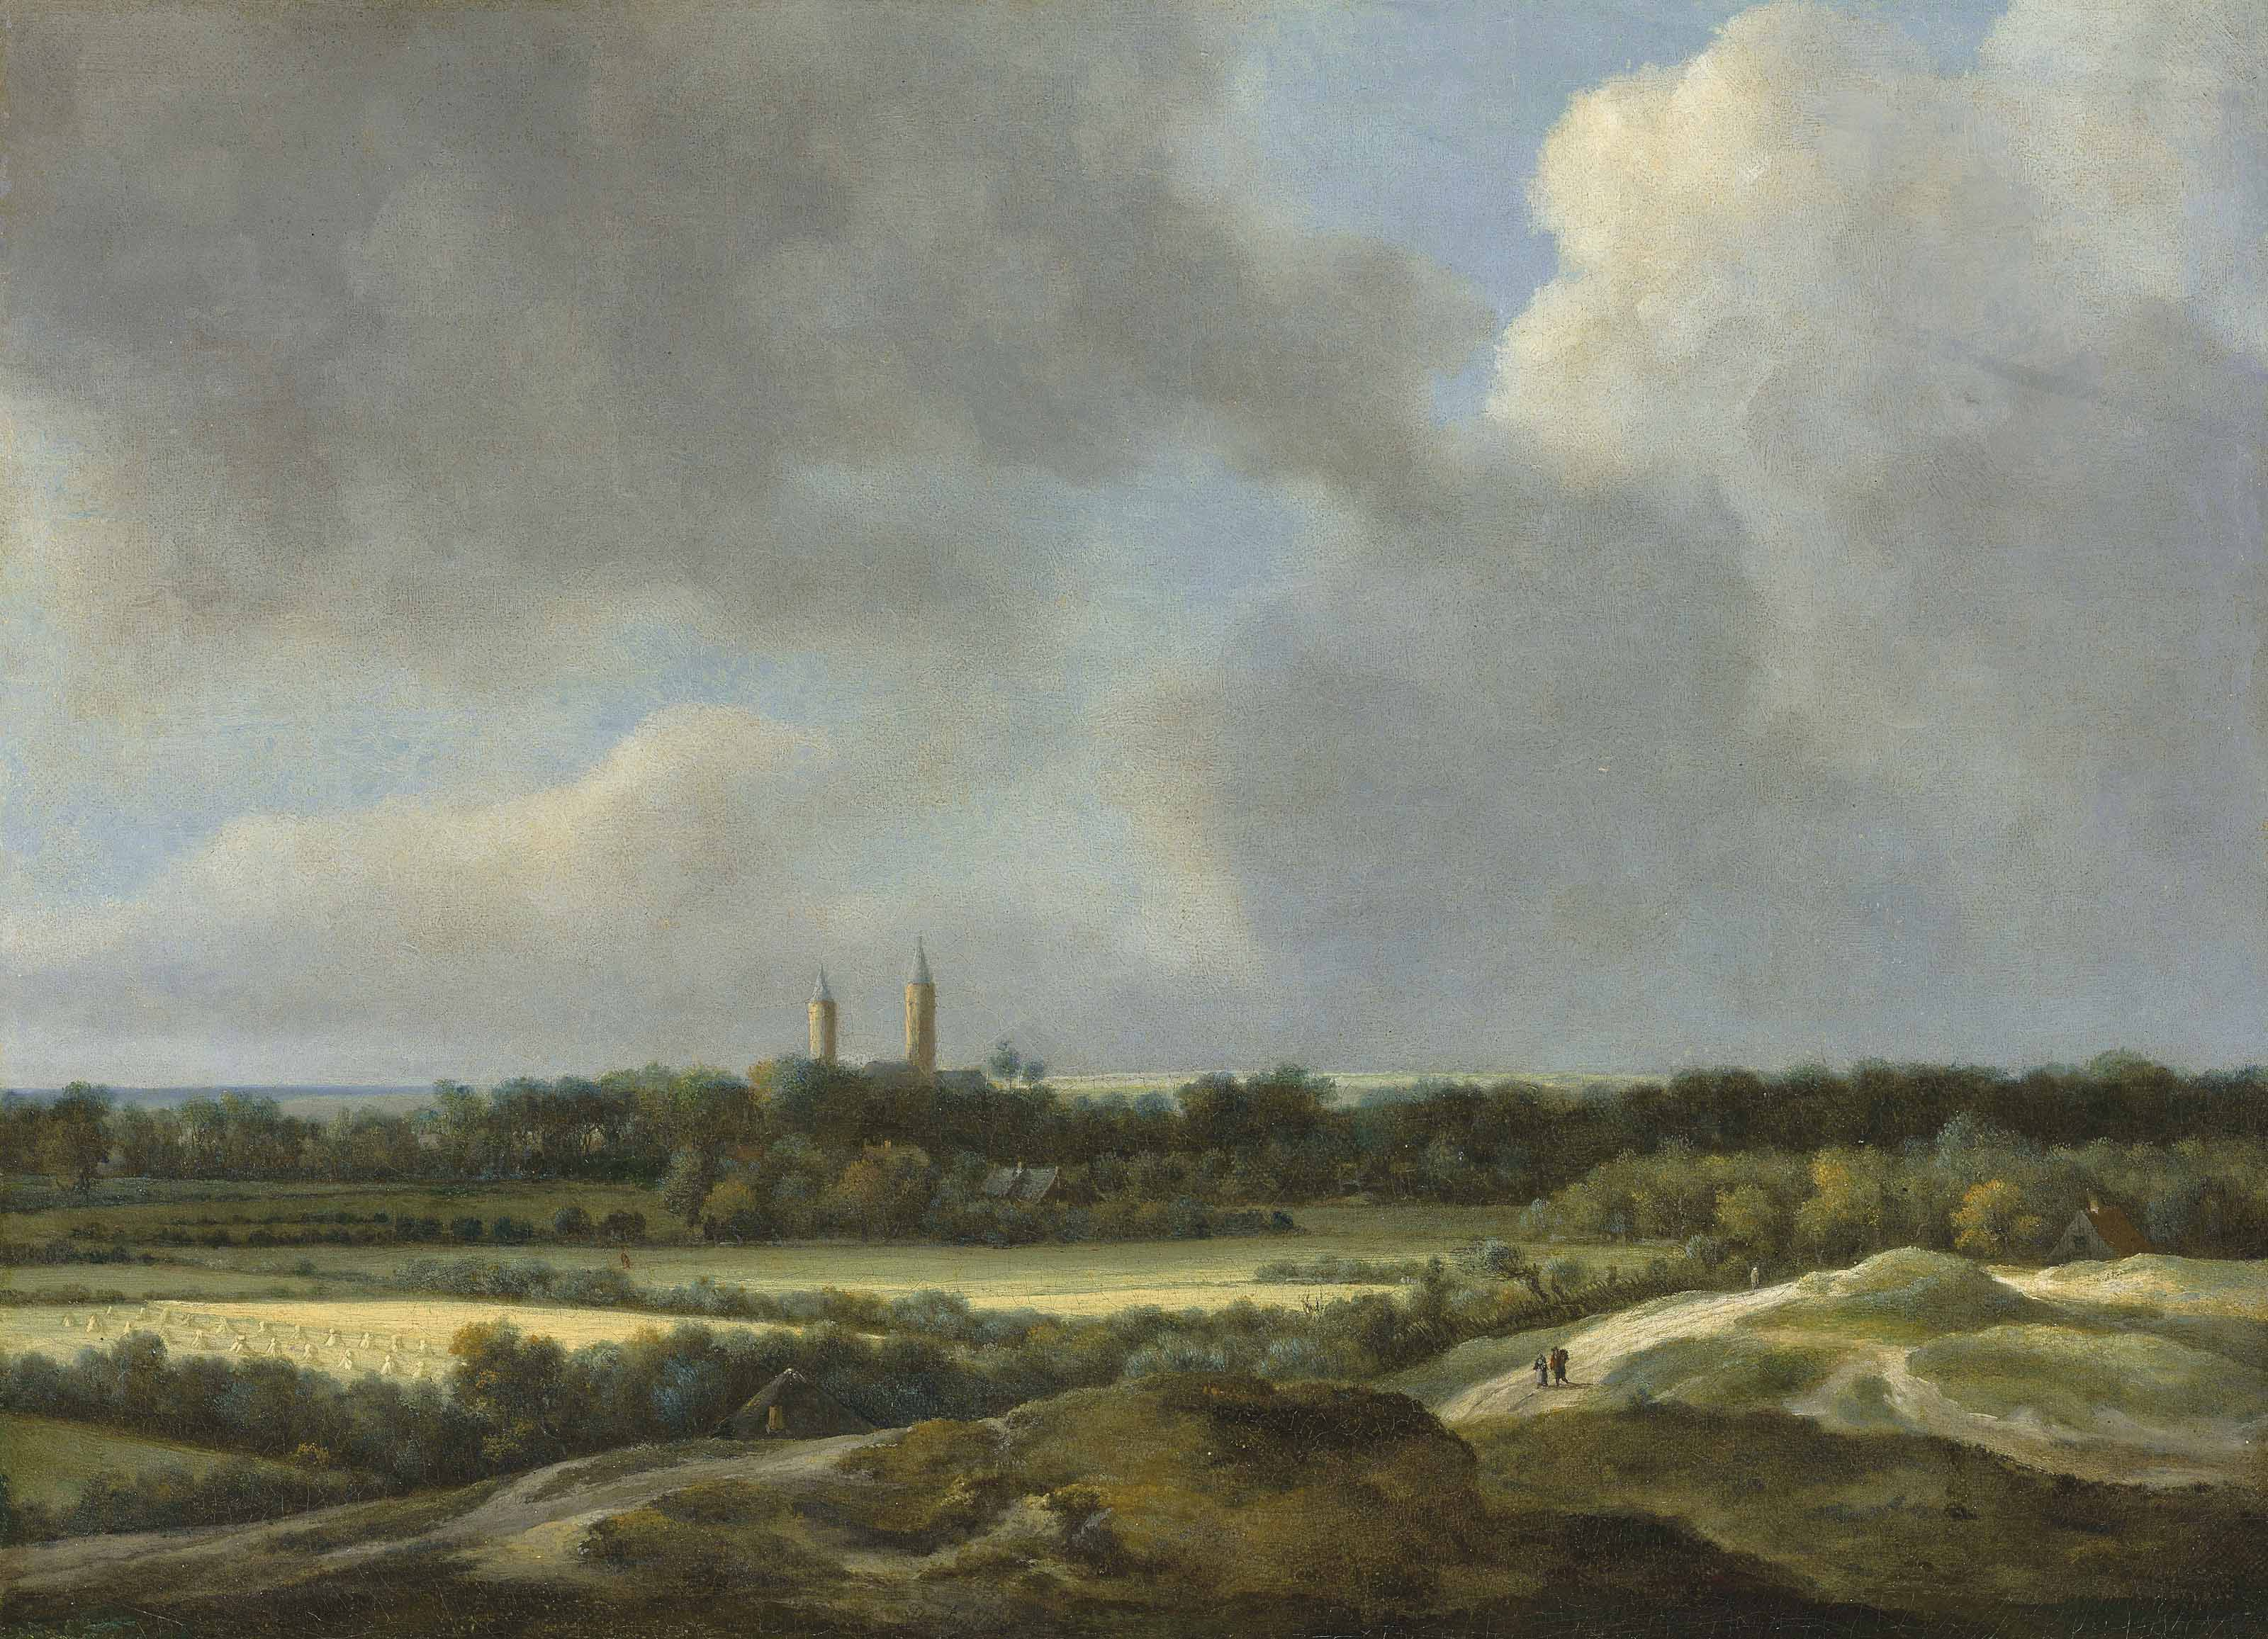 An extensive landscape with grain fields, Heemstede beyond